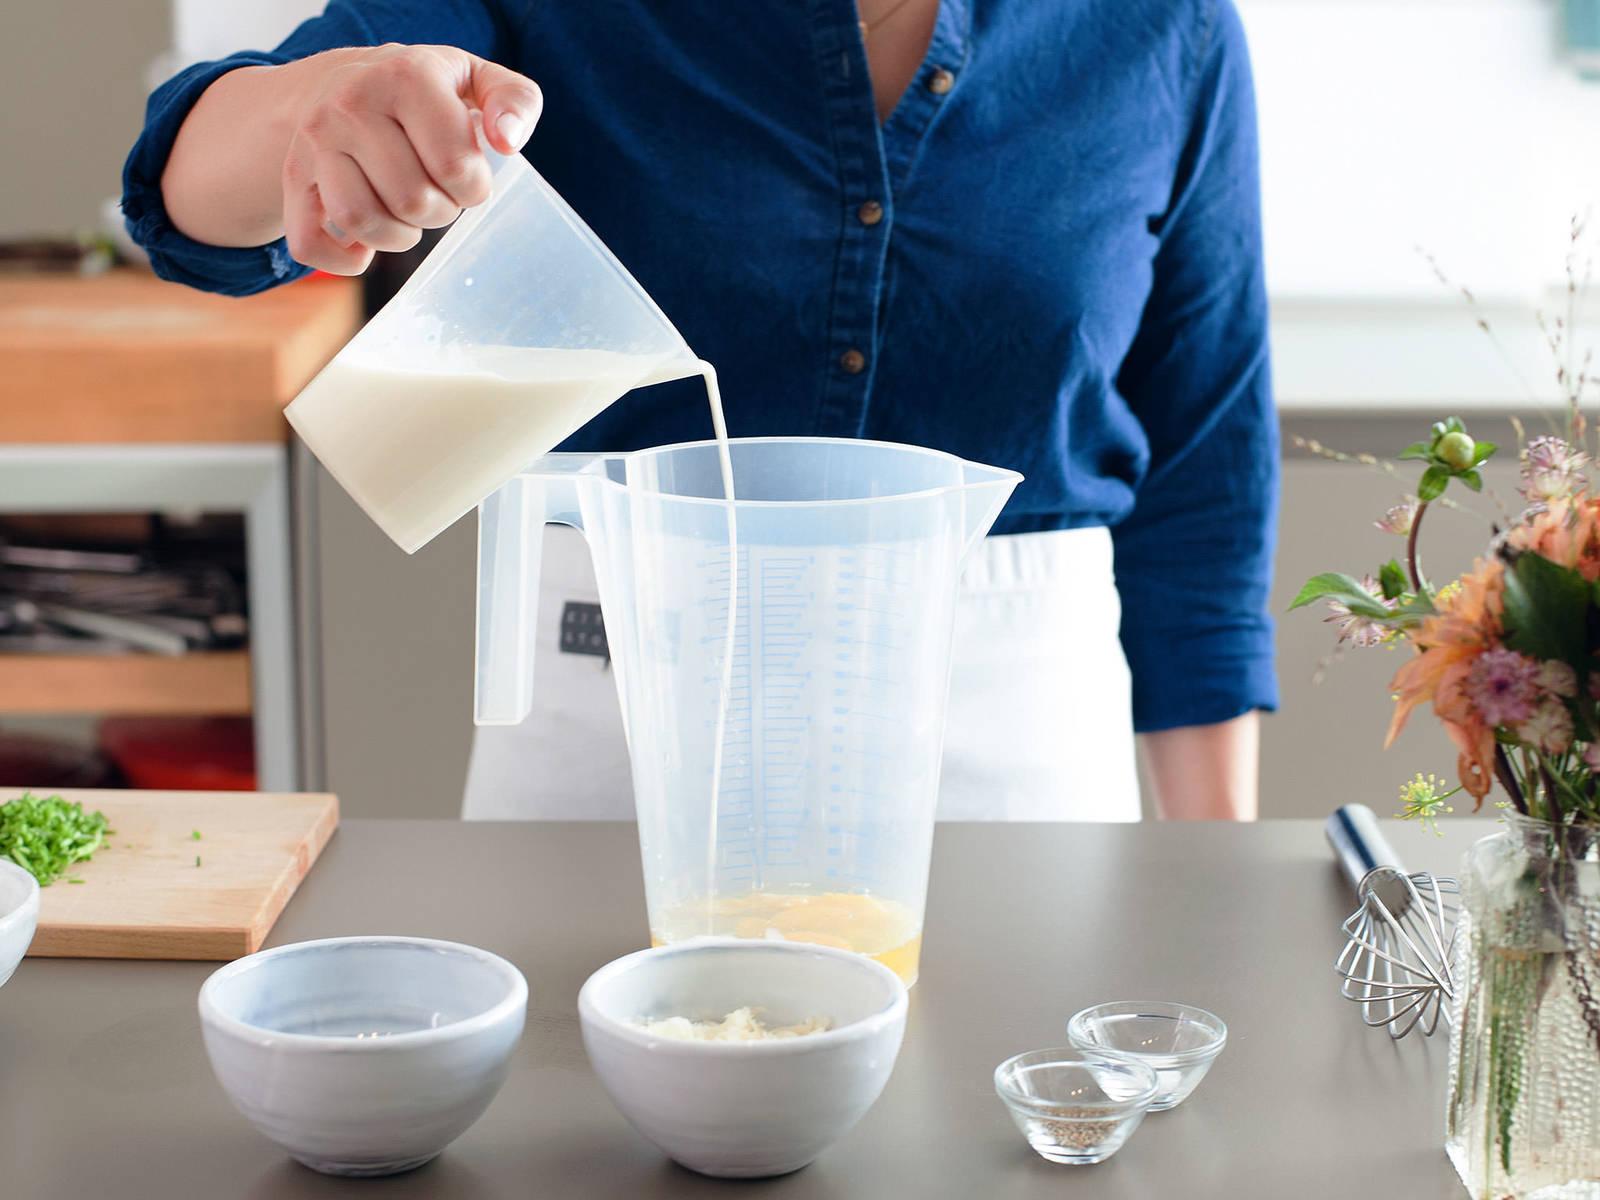 将烤箱预热至220℃。用黄油稍微润滑松饼烤盘。剁碎香葱,擦碎芝士。在大量杯中混合鸡蛋、牛奶和黄油,搅拌均匀。